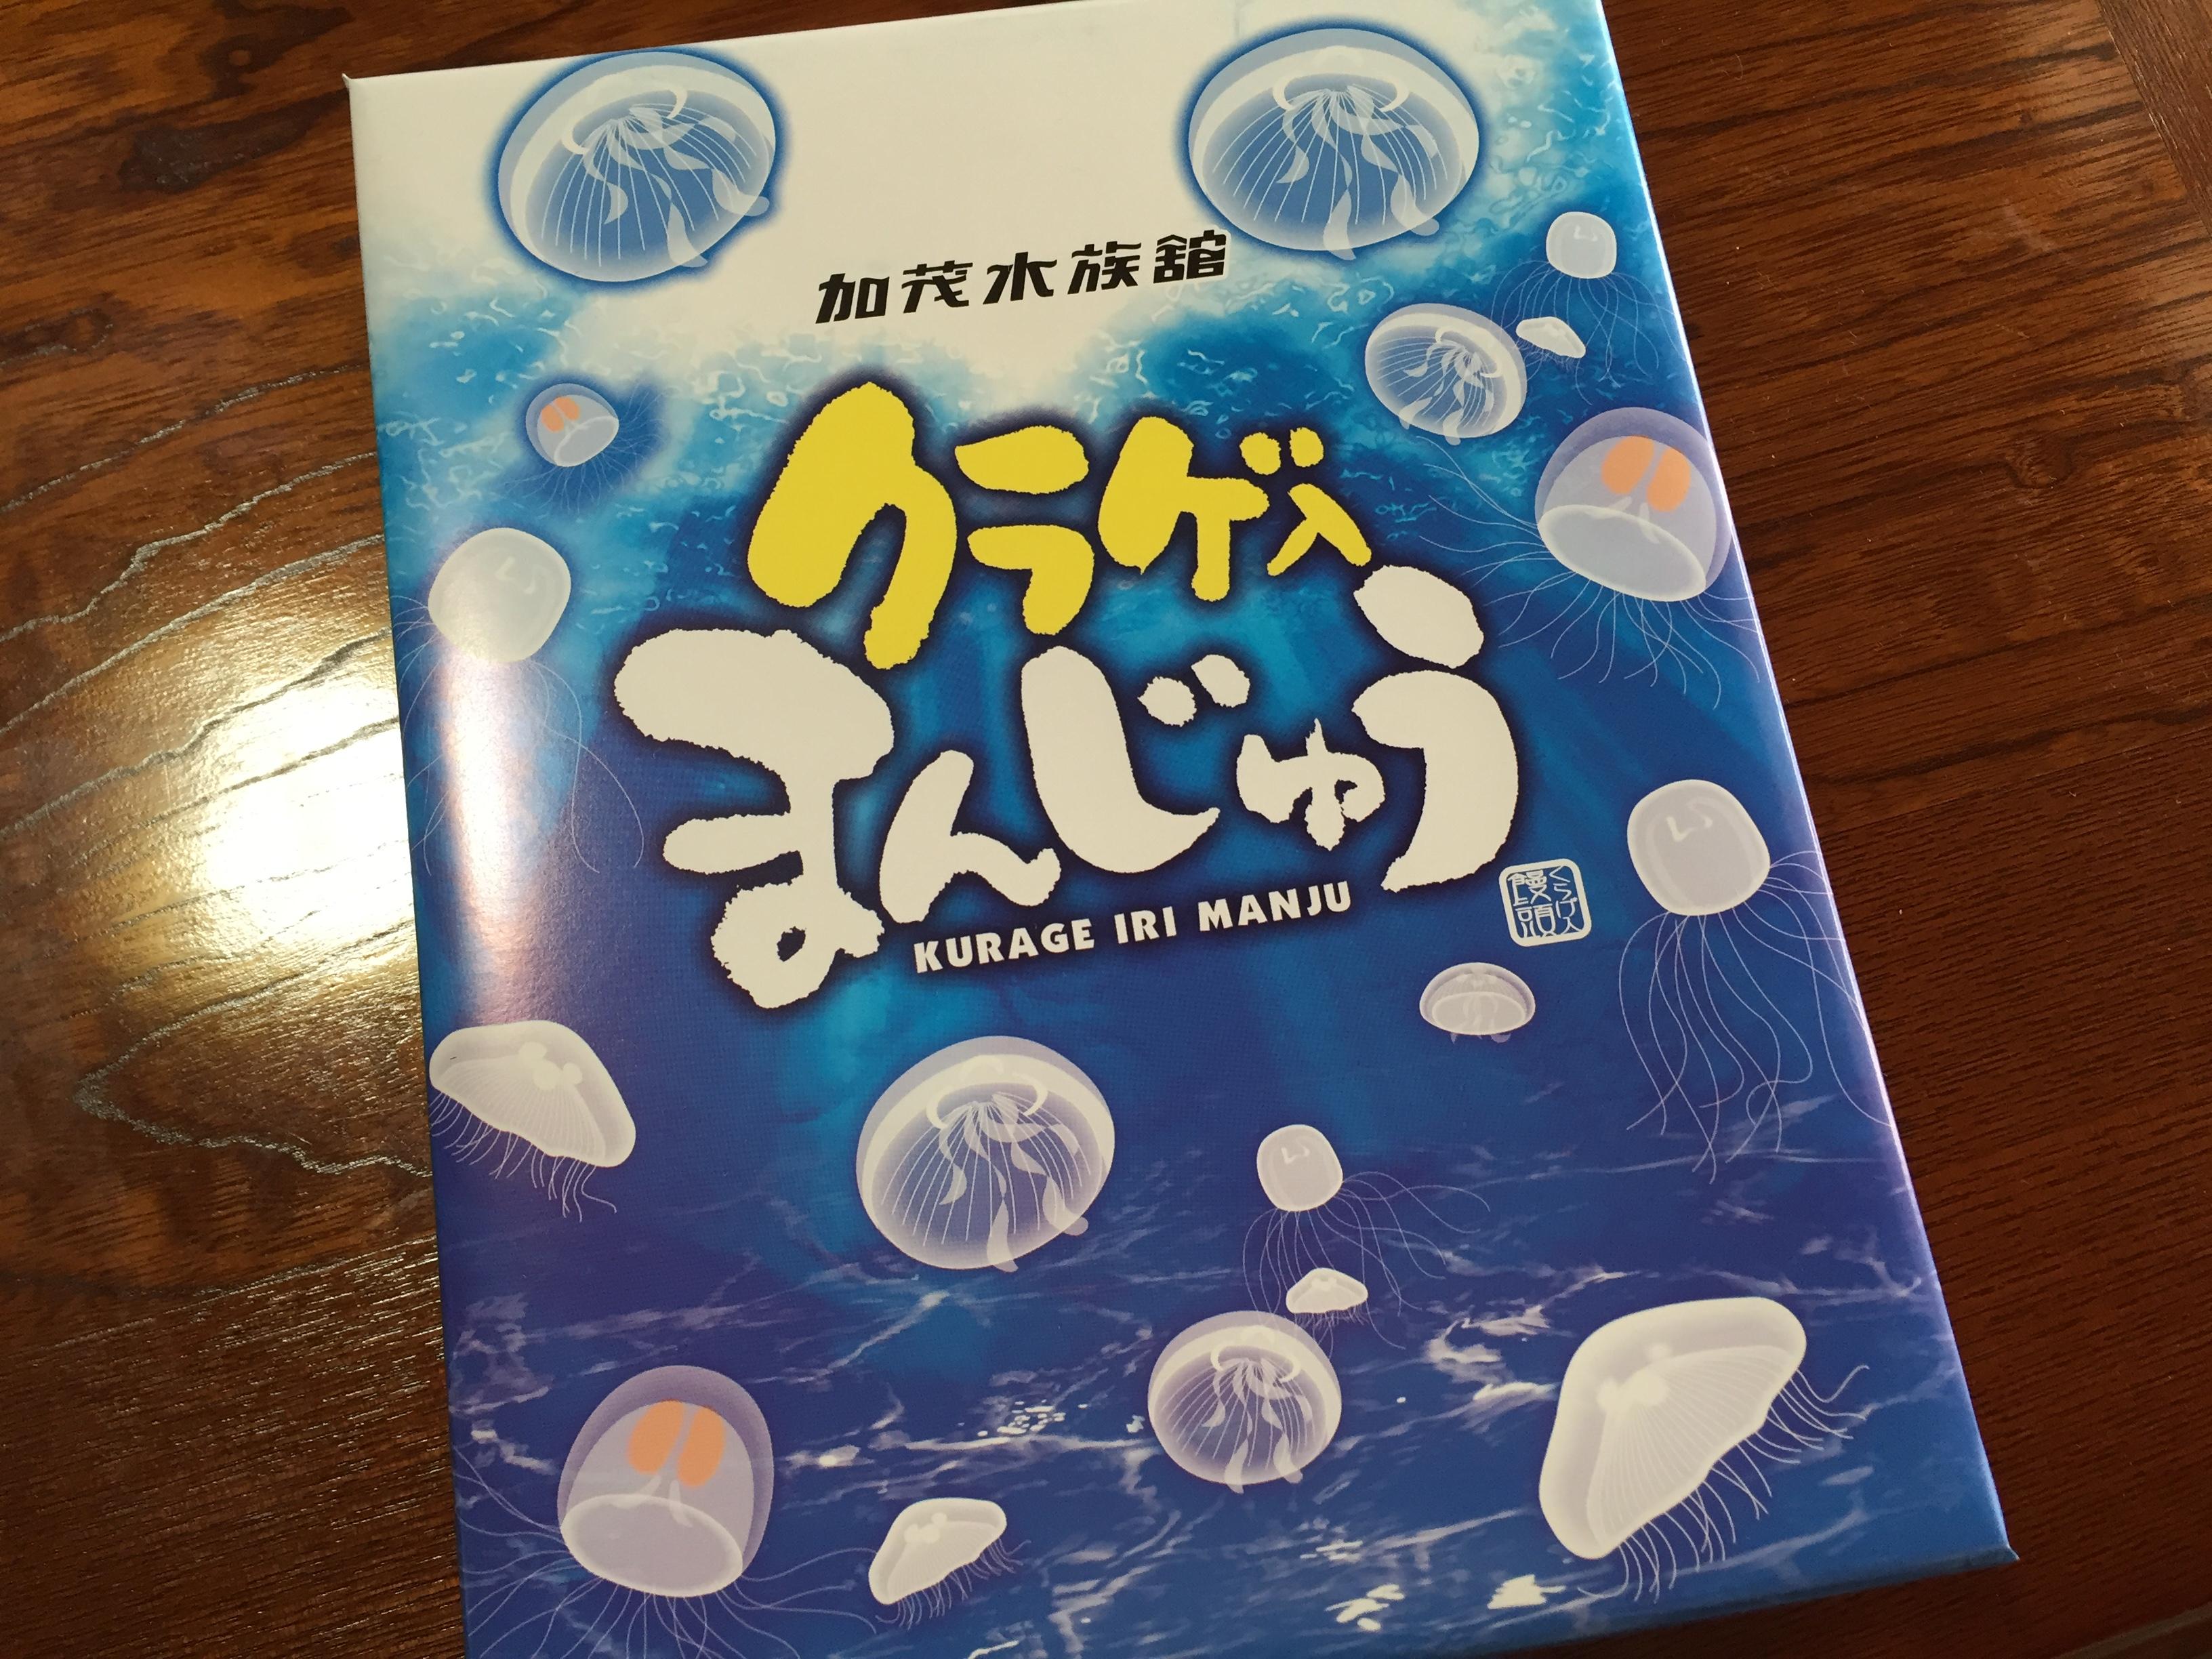 加茂水族館 お土産 クラゲ まんじゅう